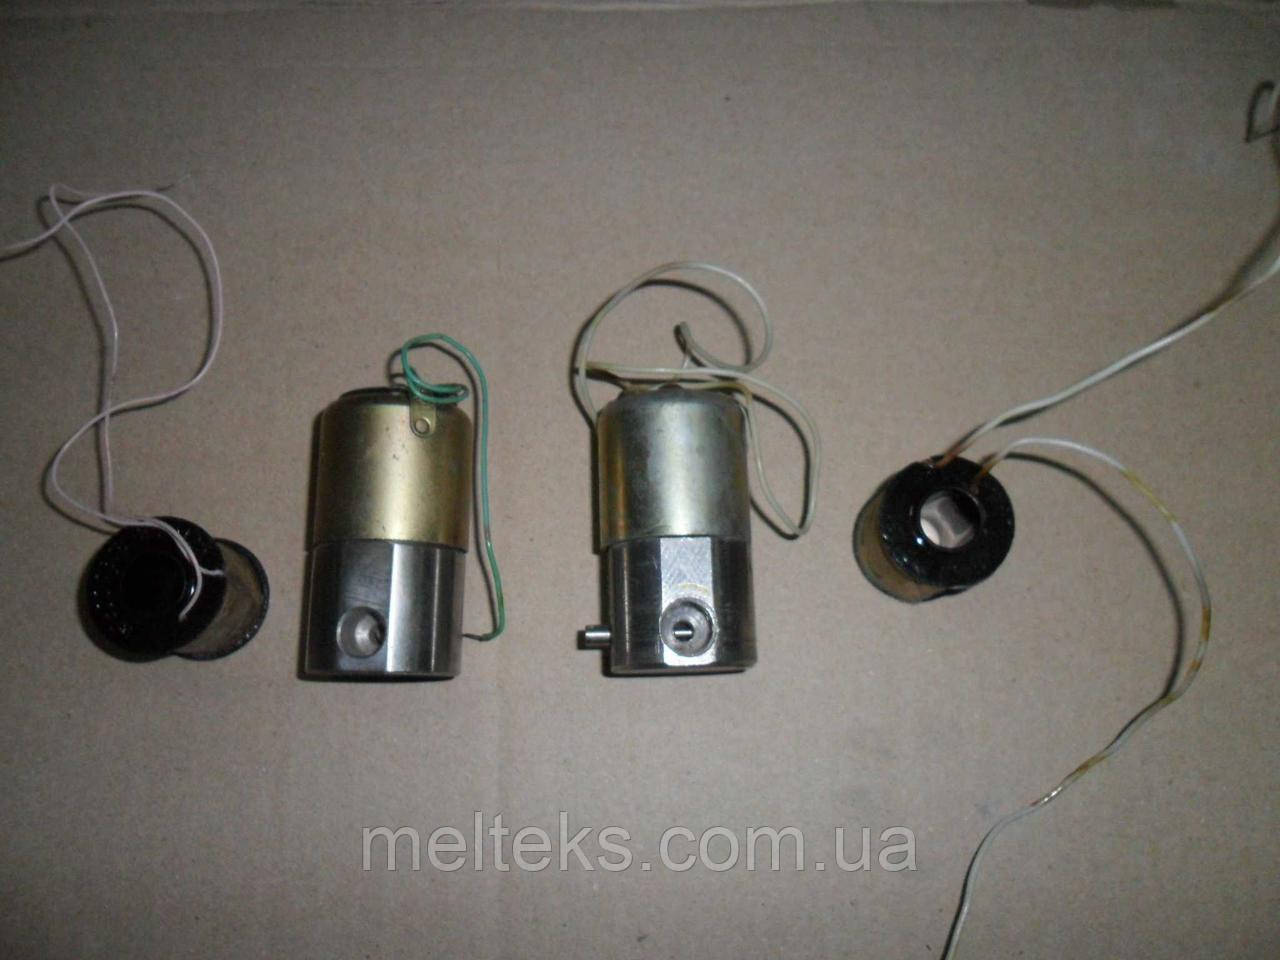 Клапан СКН-2 СКР-2, катушка СКН-2 - 2020 г.в.